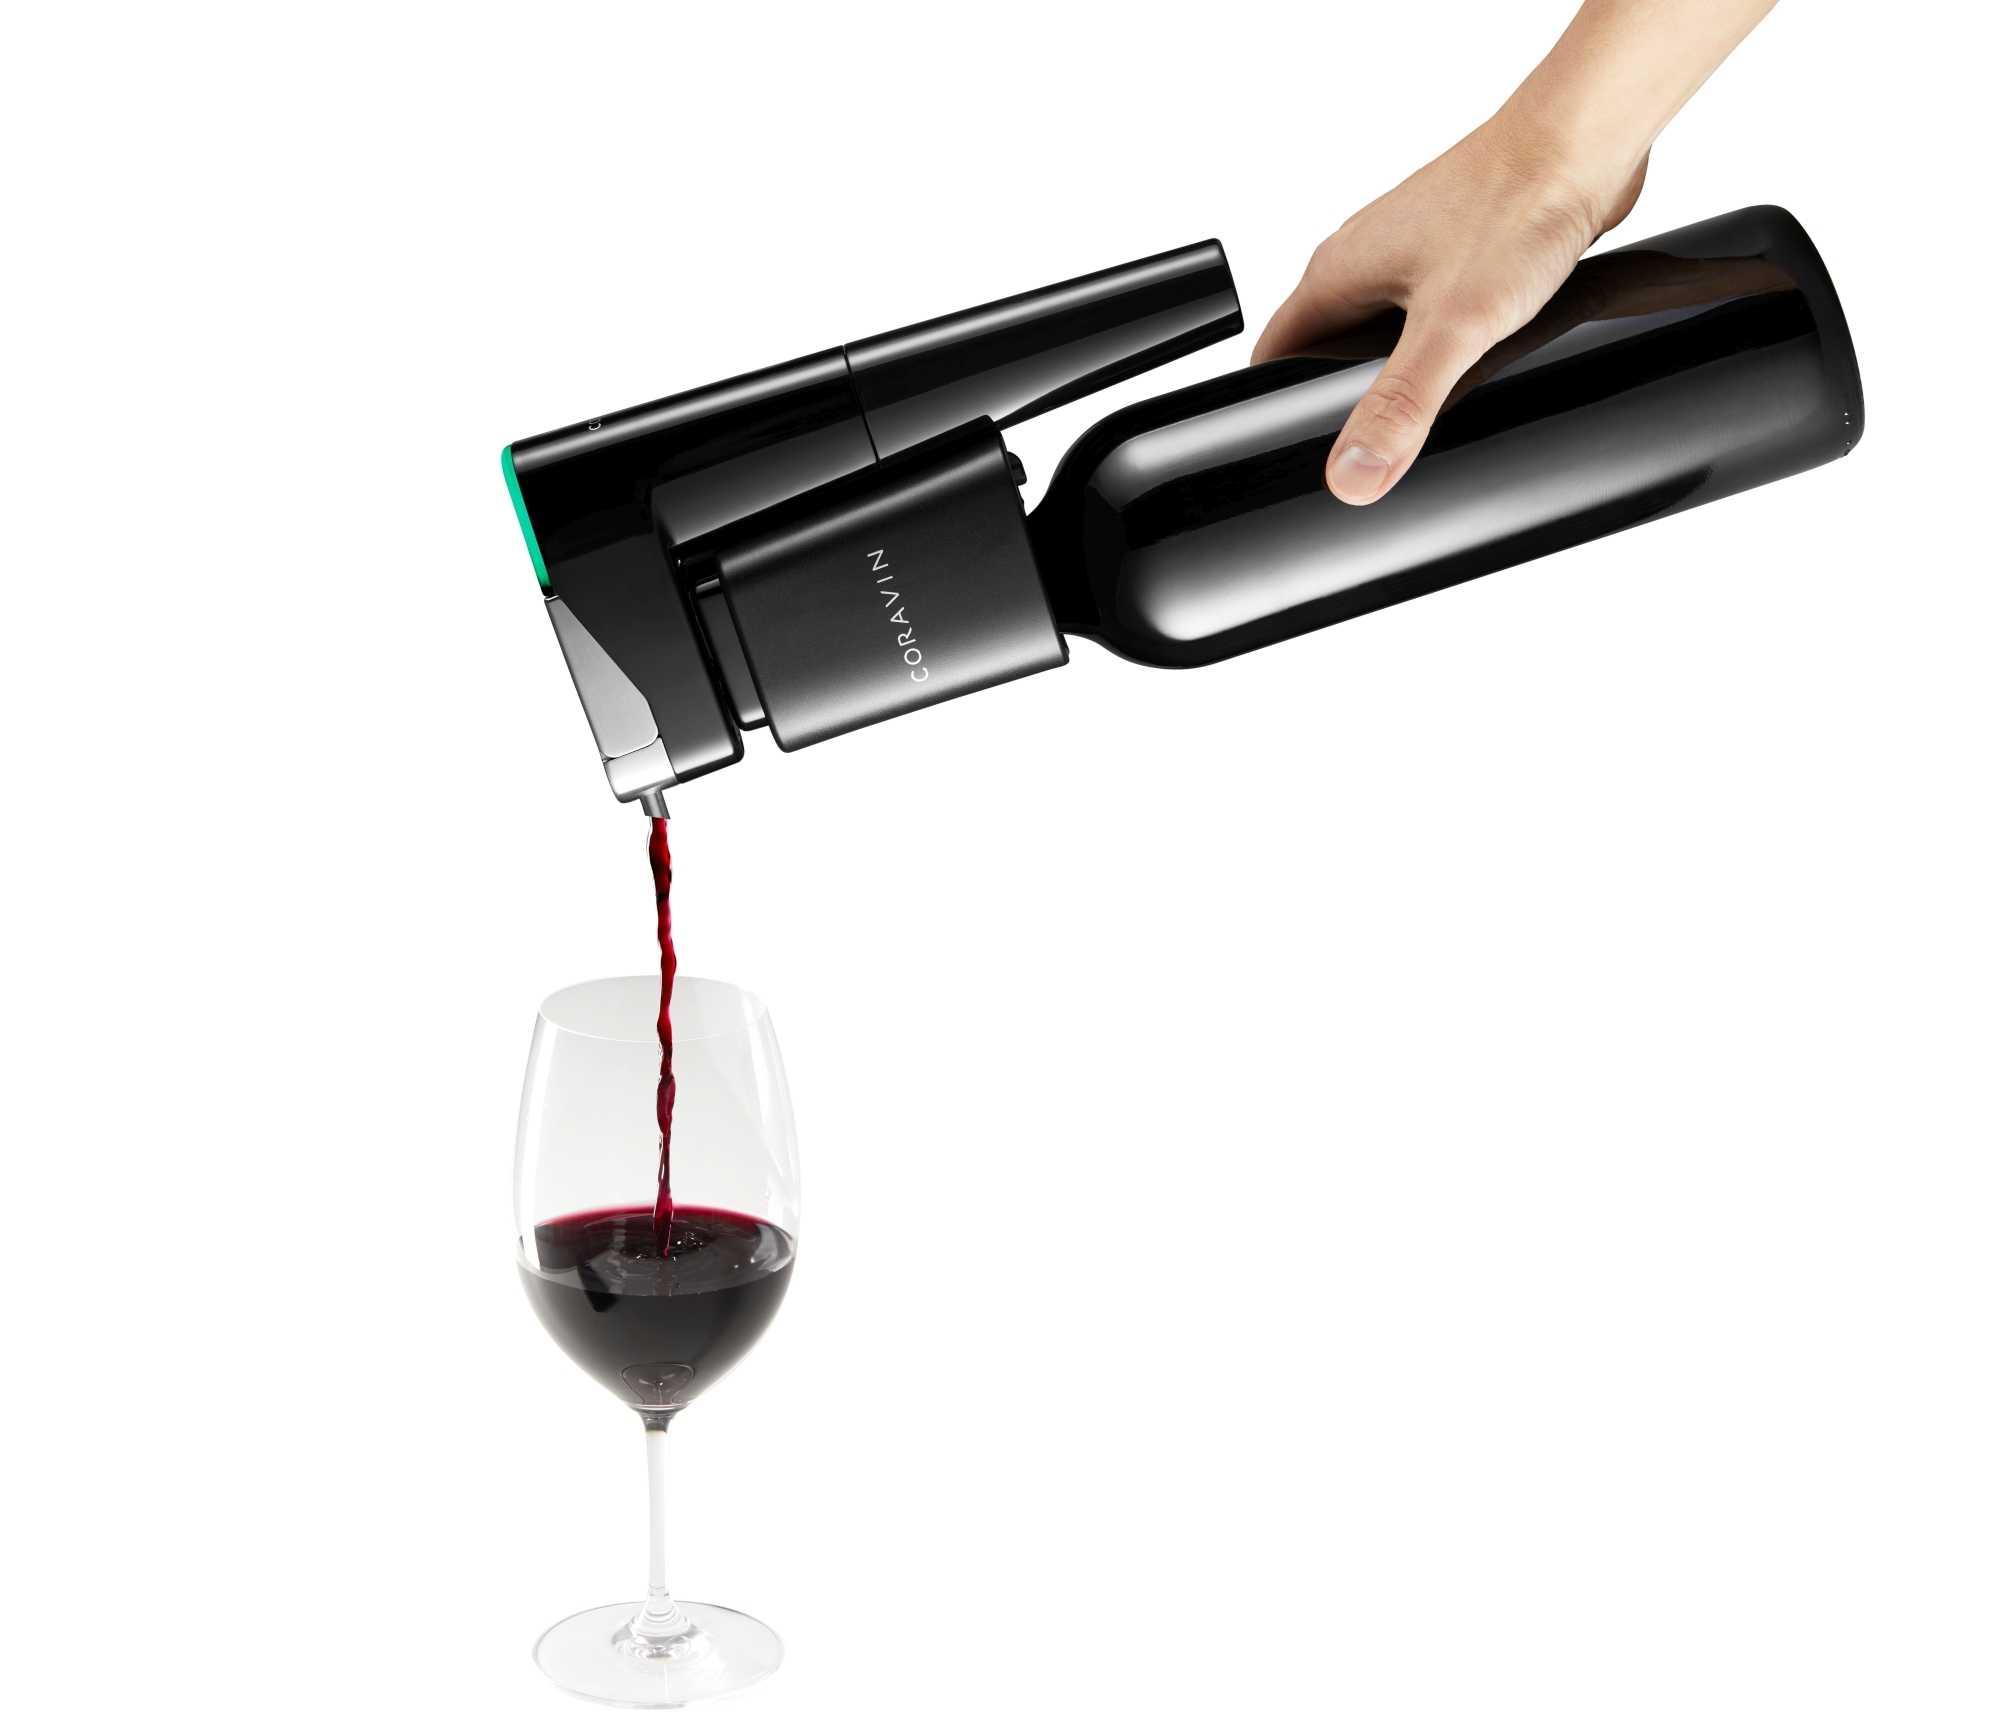 Ohne den Koren zu ziehen, kann man mit dem Coravin Model Eleven reinen Wein einschenken.